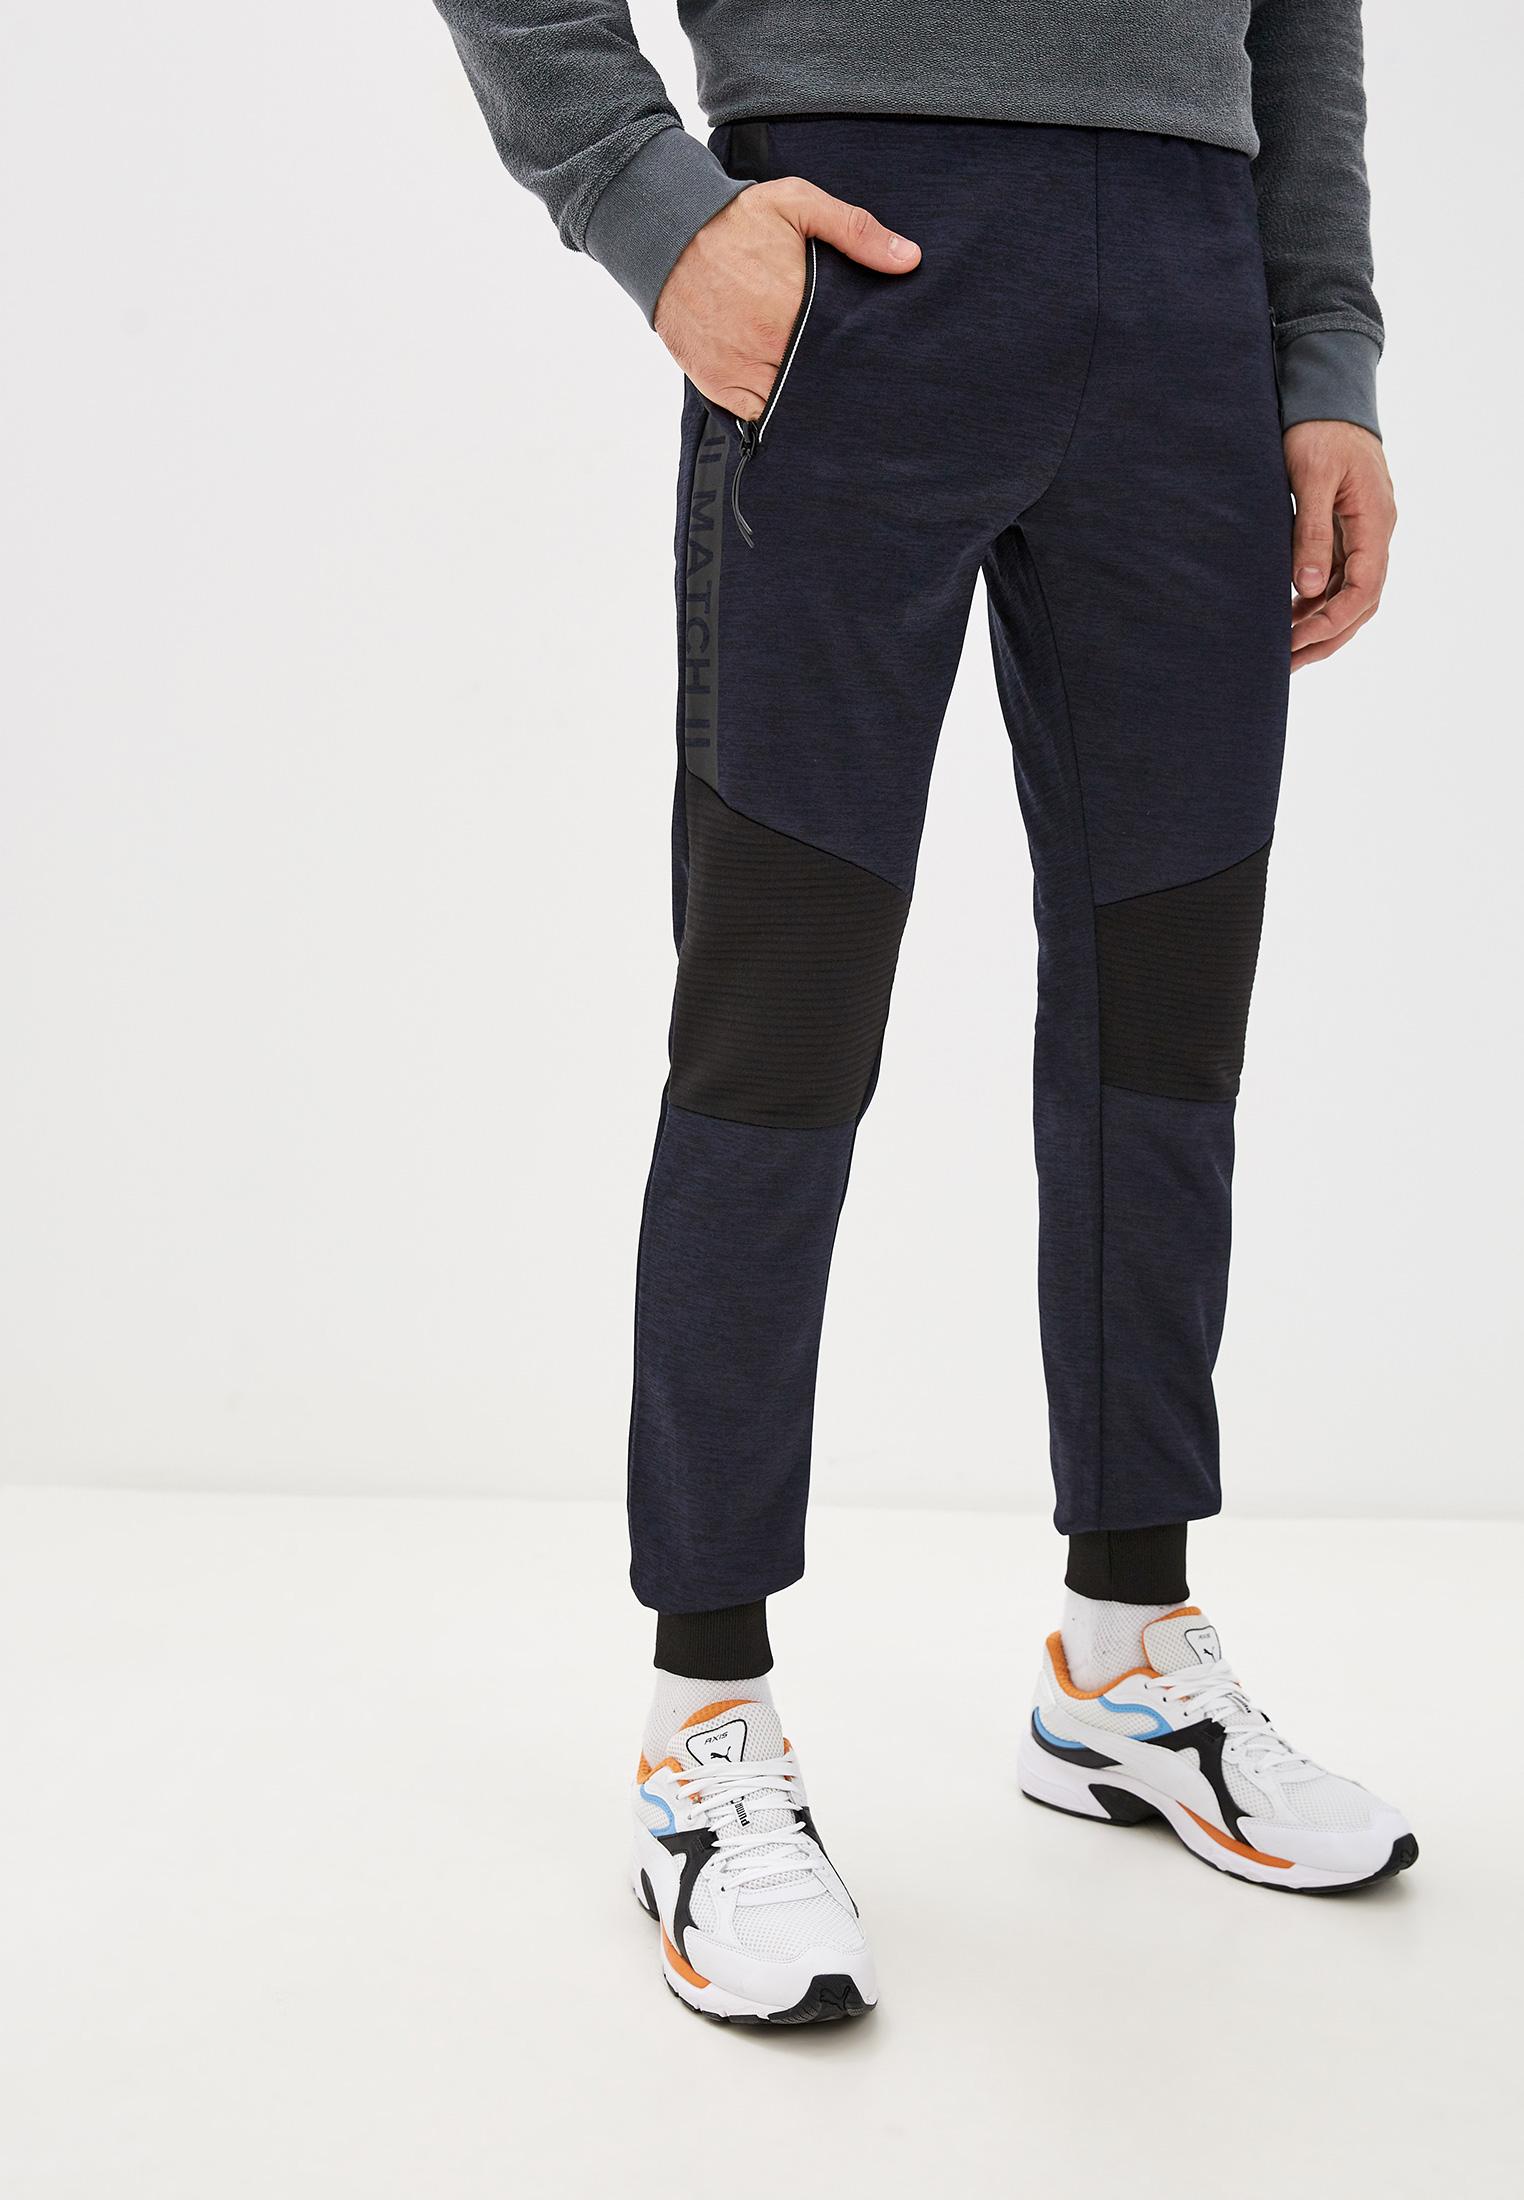 Мужские спортивные брюки M&2 B013-S8585